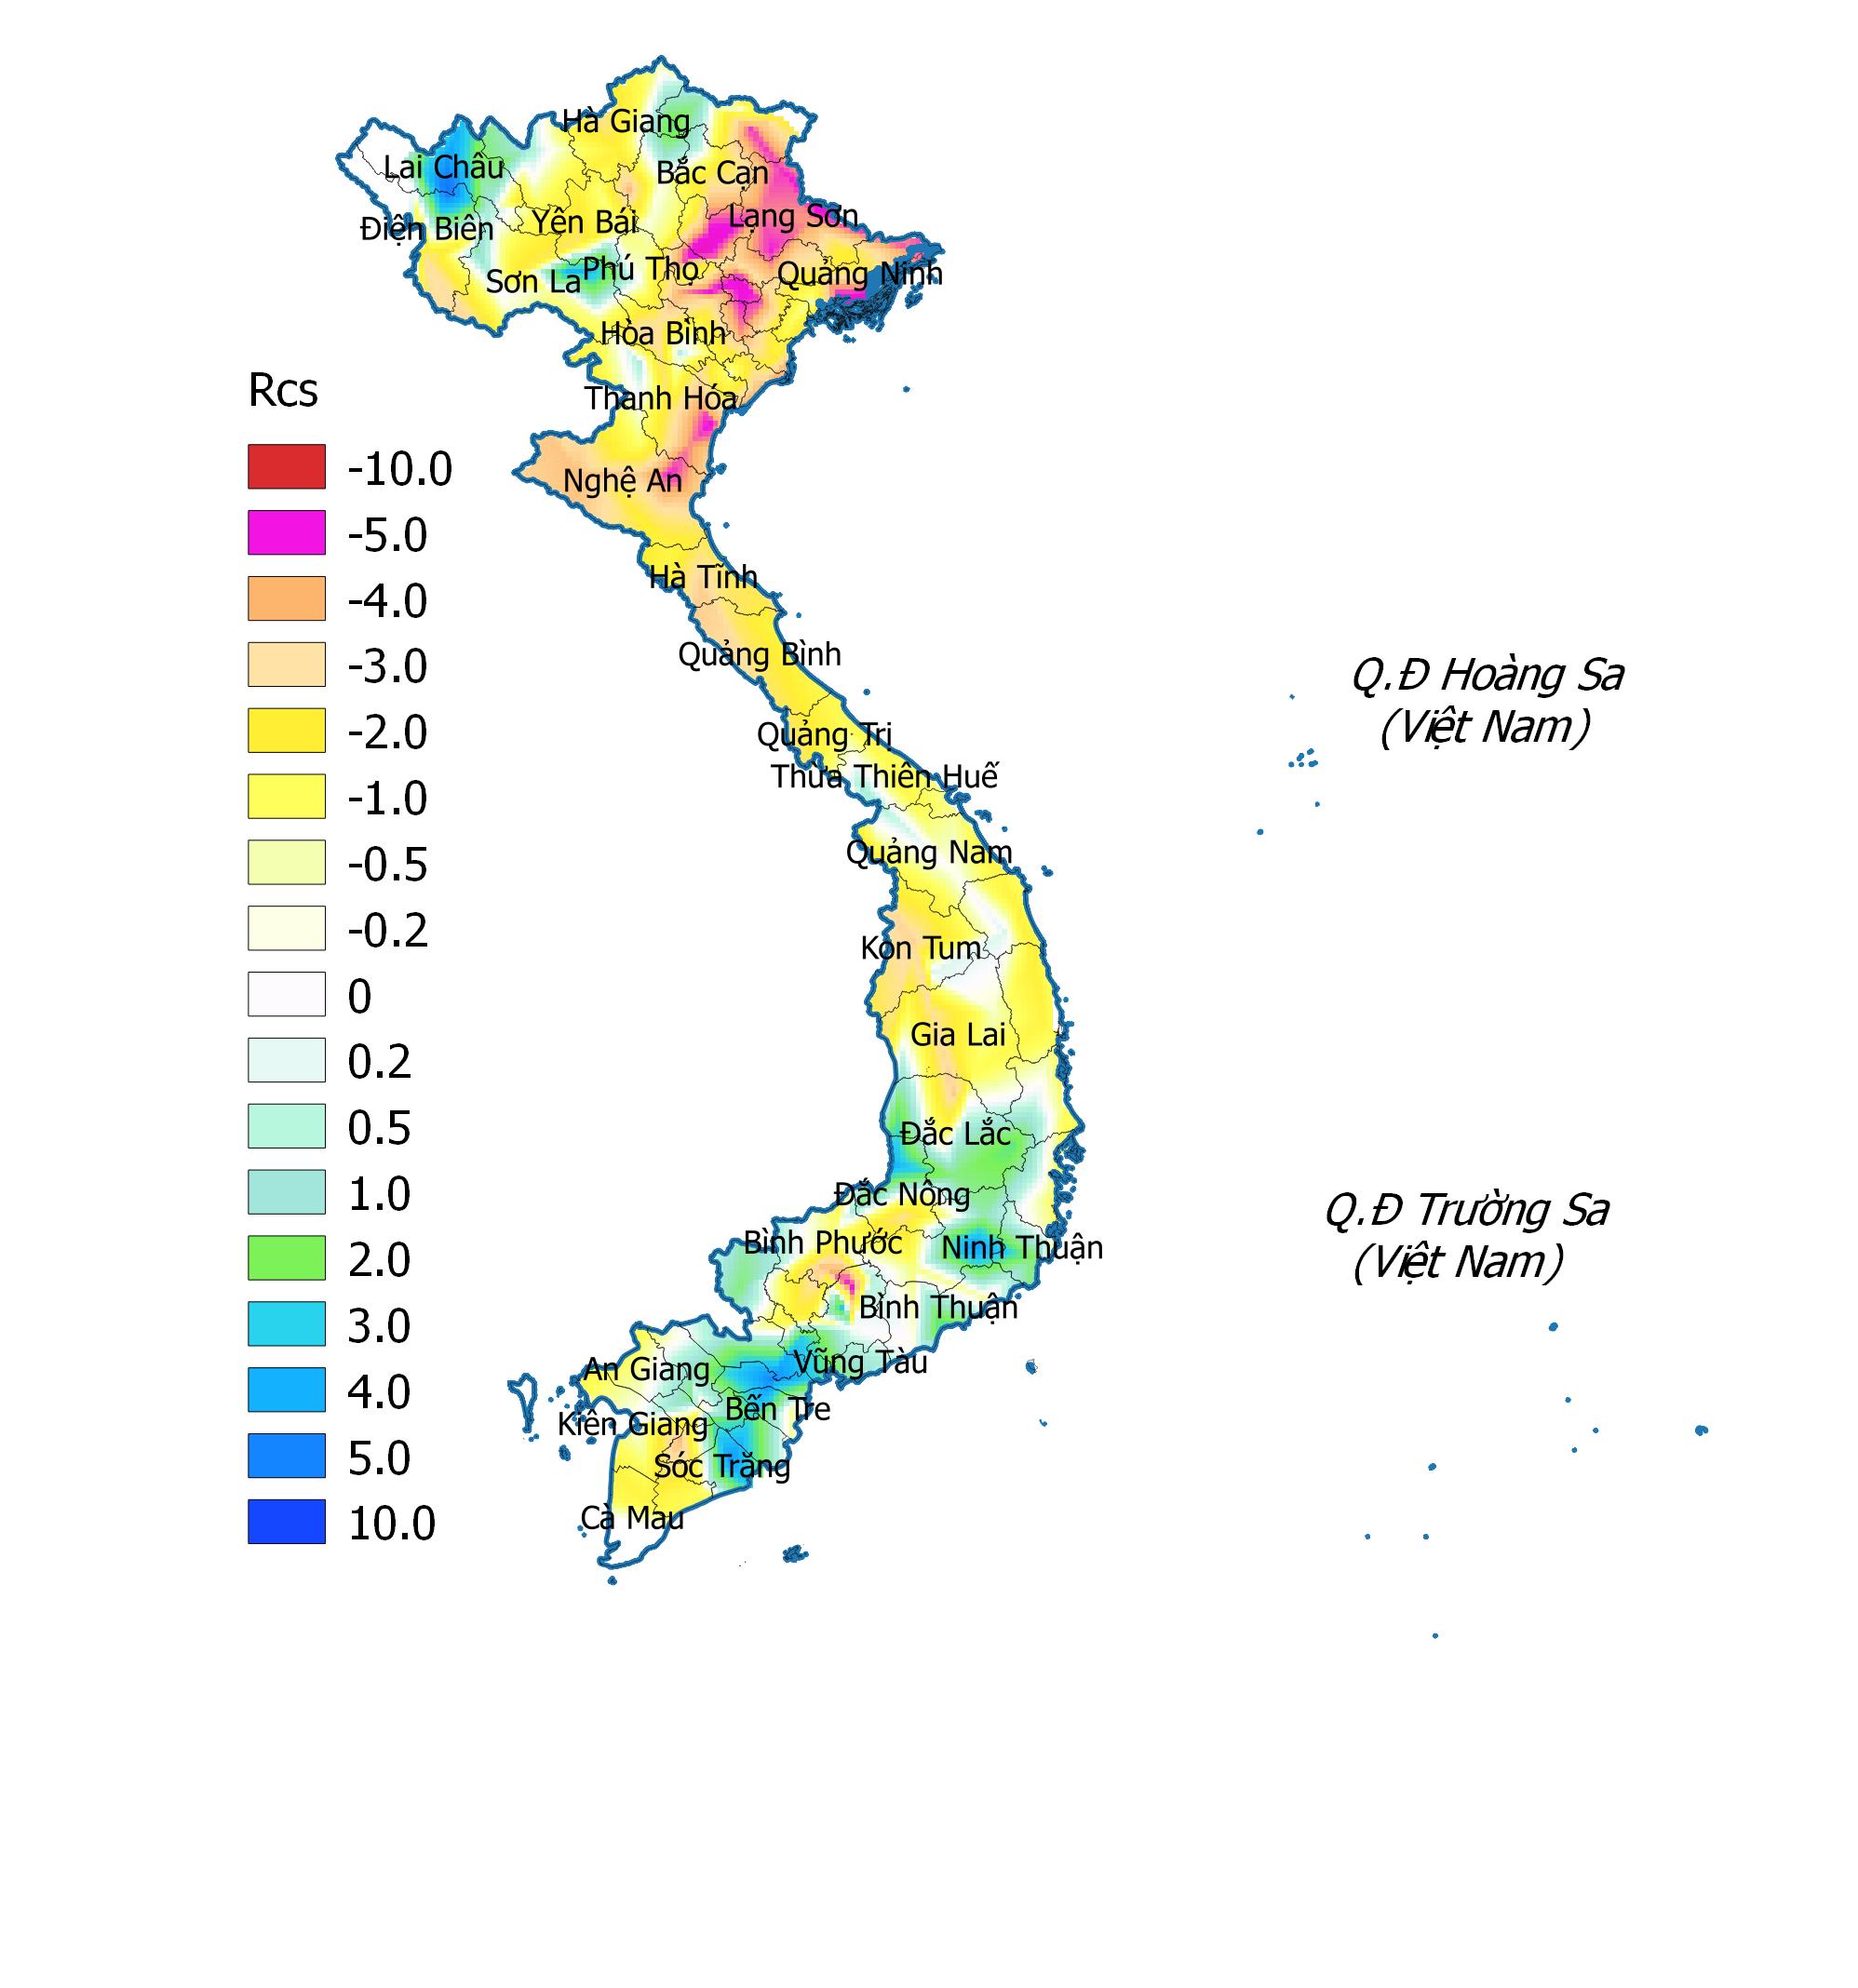 Bản tin dự báo, cảnh báo hạn khí tượng tại các vùng trên cả nước từ ngày 15/7-11/8/2020